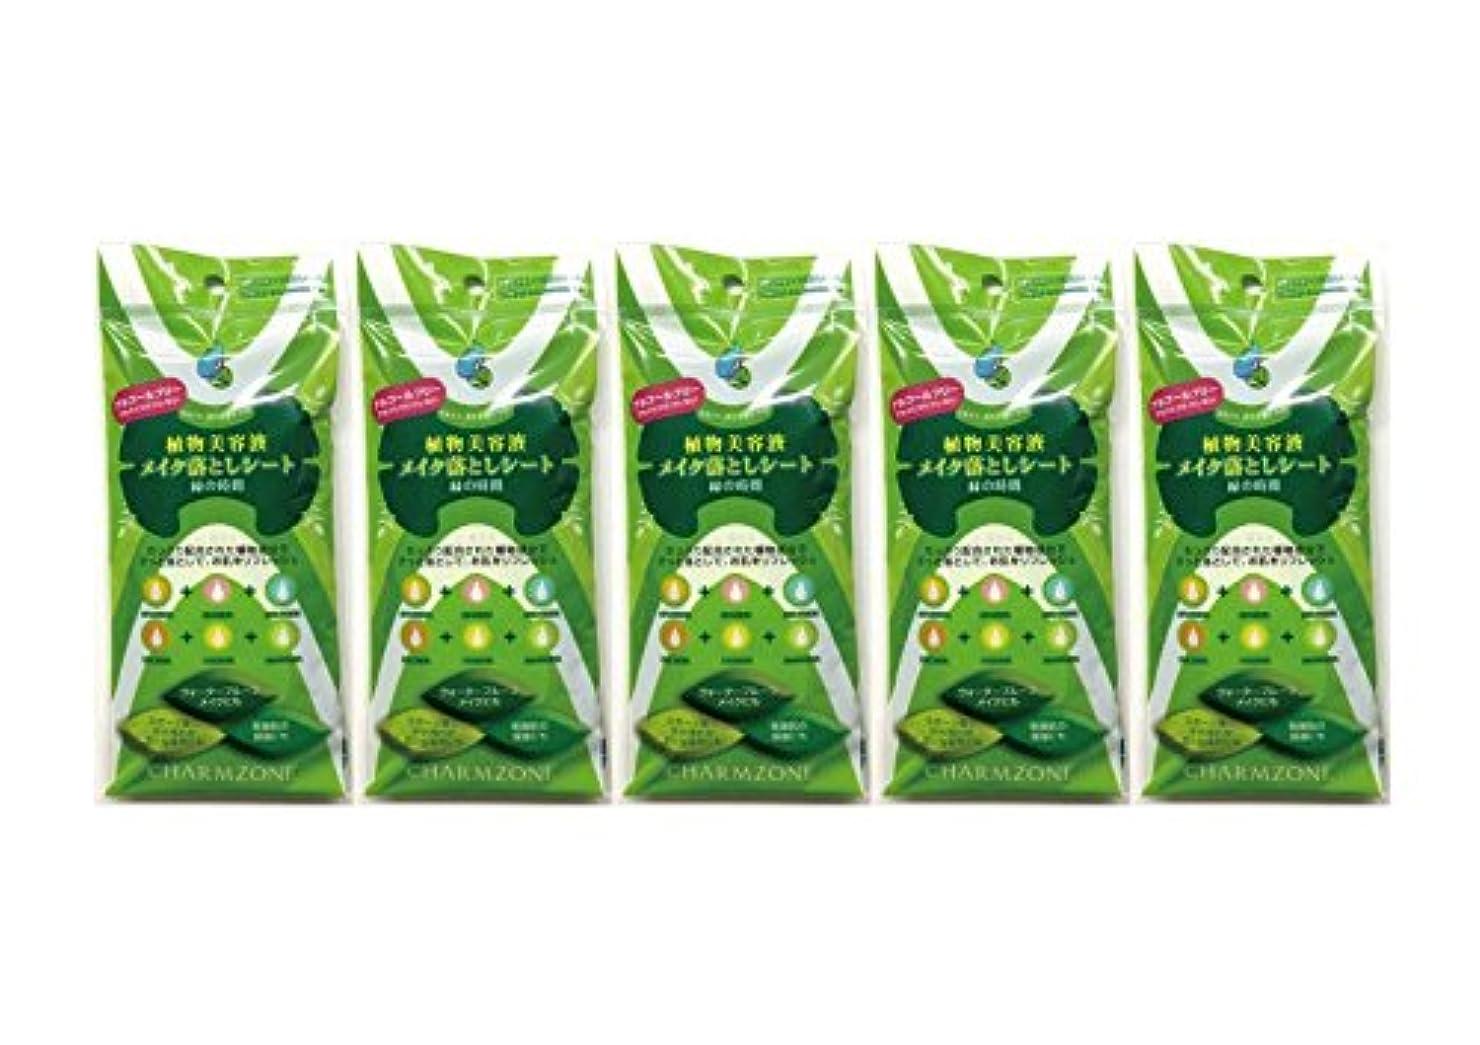 赤字出力委託植物美容液 メイク落としシート 緑の時間 5ヶセット